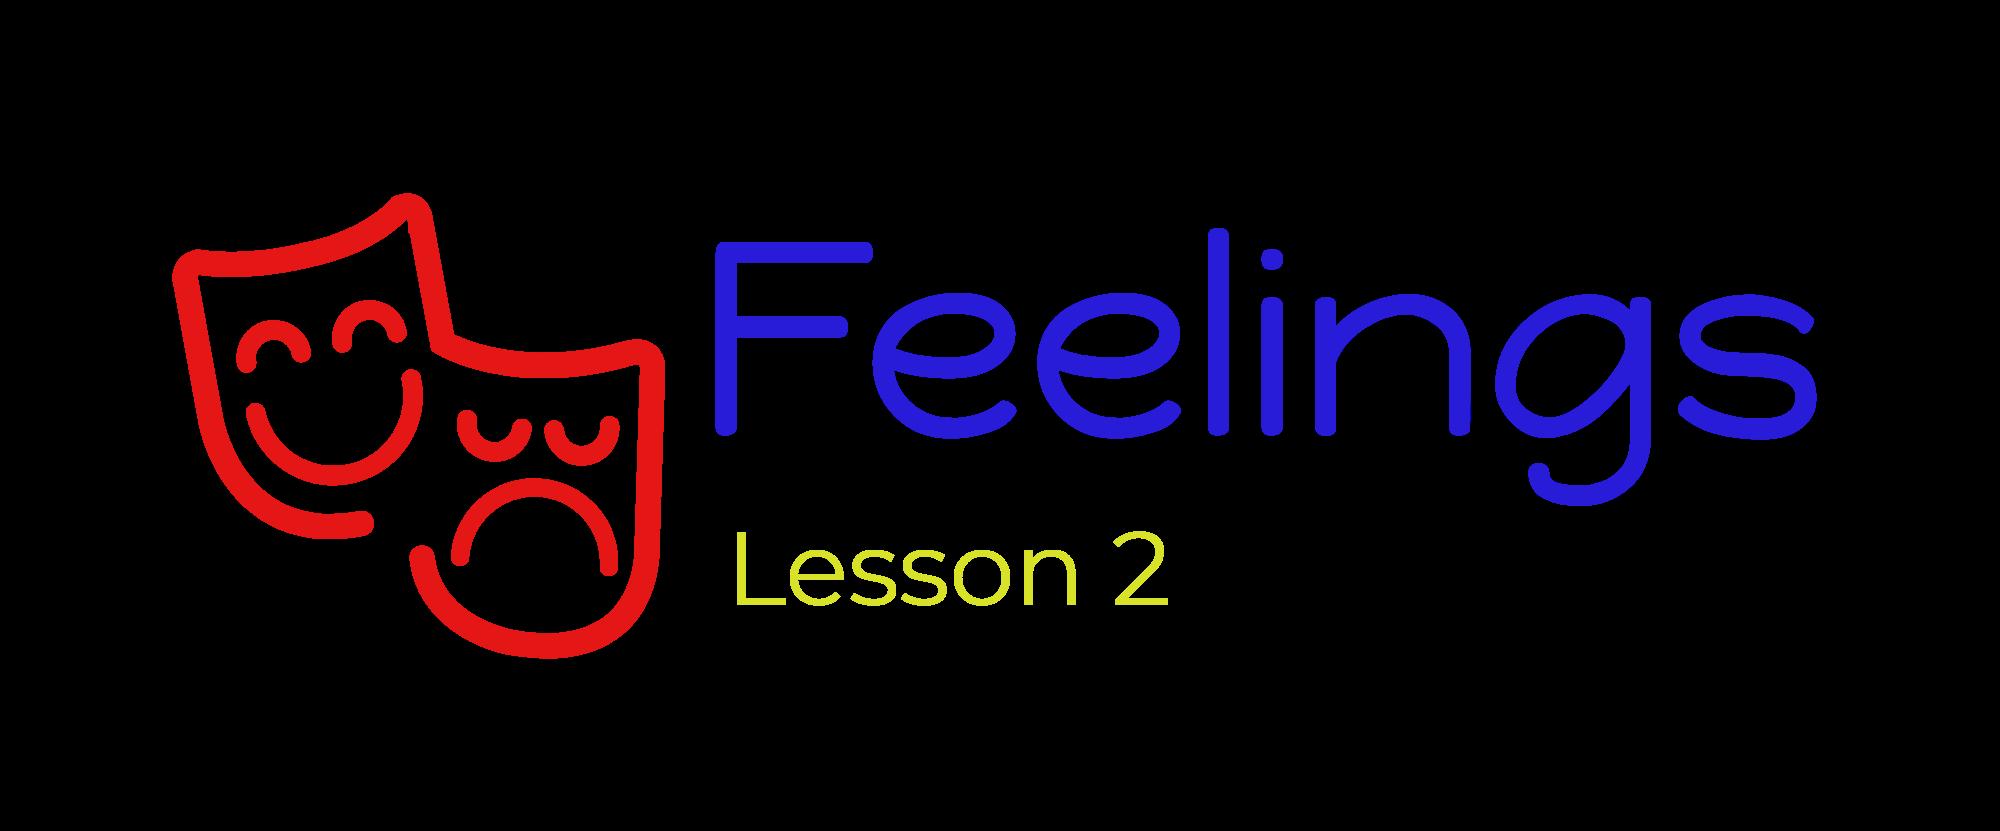 Lesson 2 - Feelings